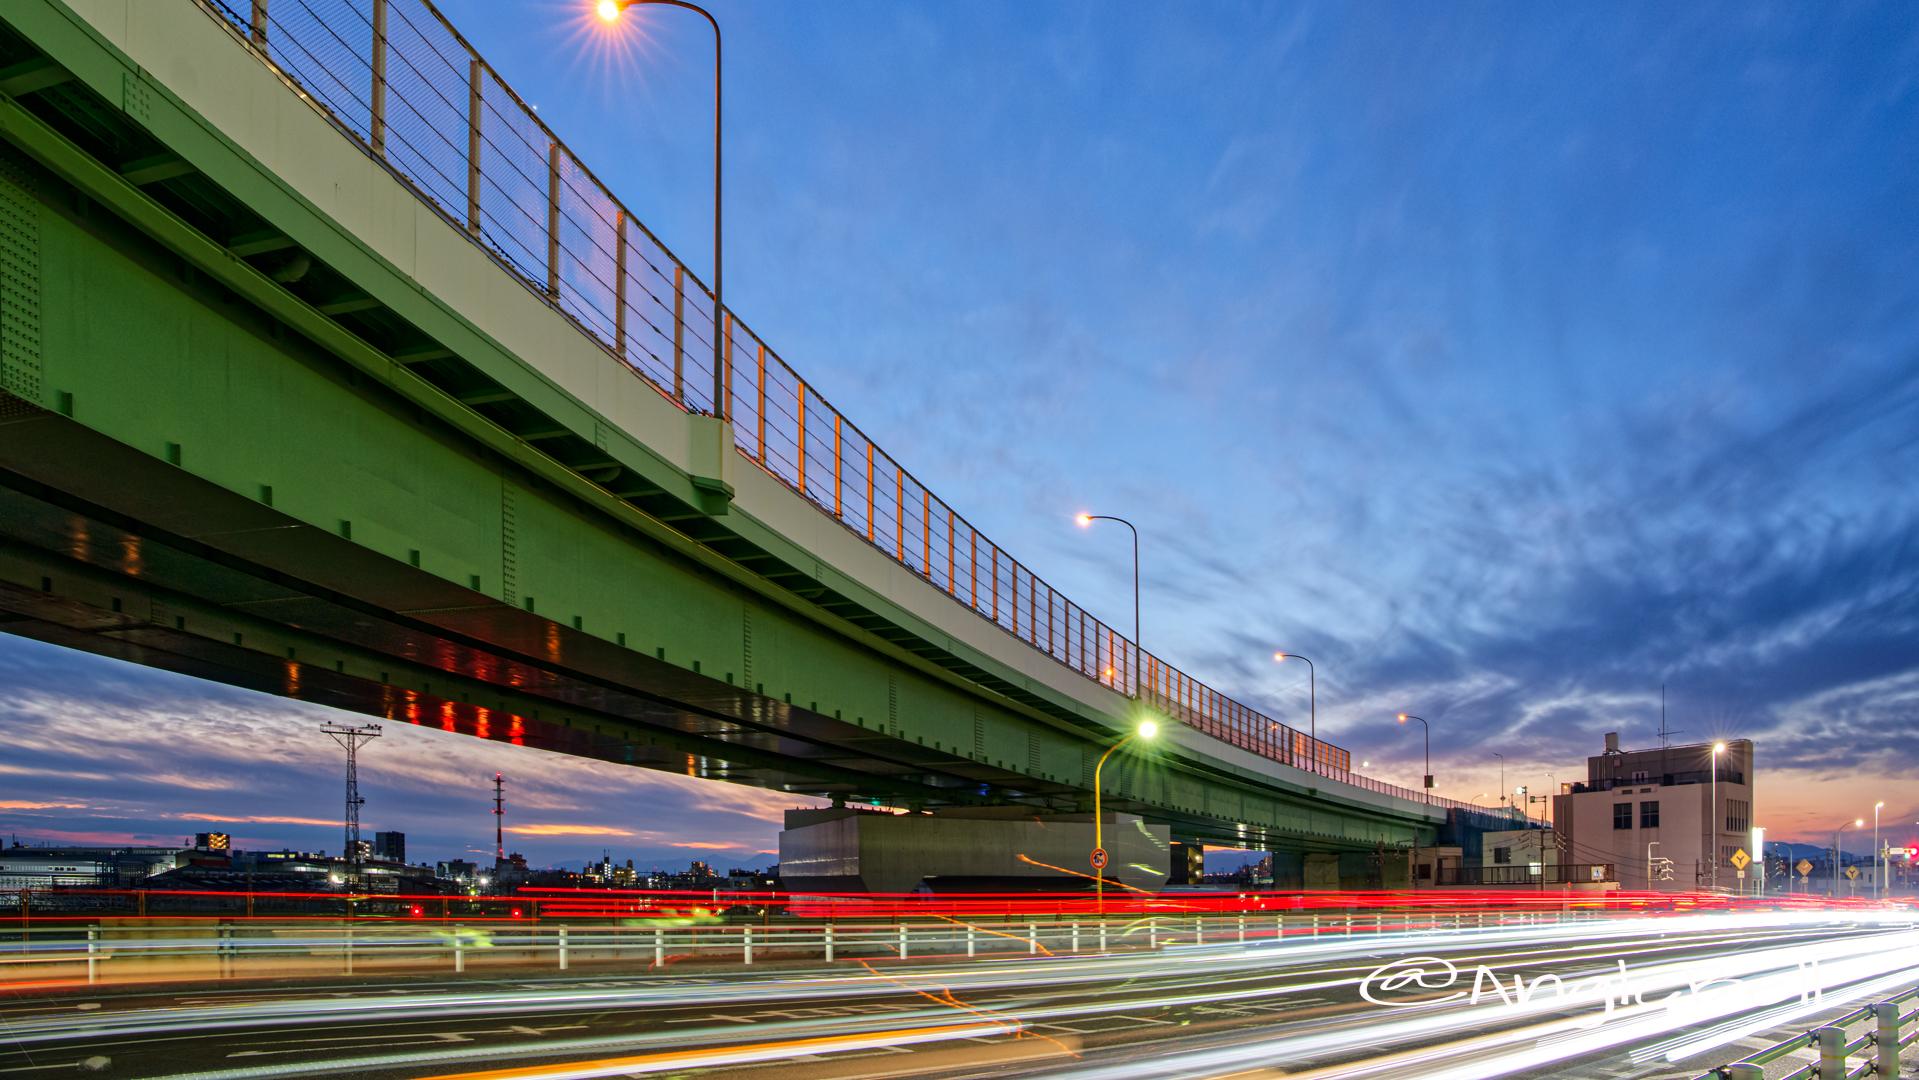 黄金跨線橋から見る夕景 February 2020